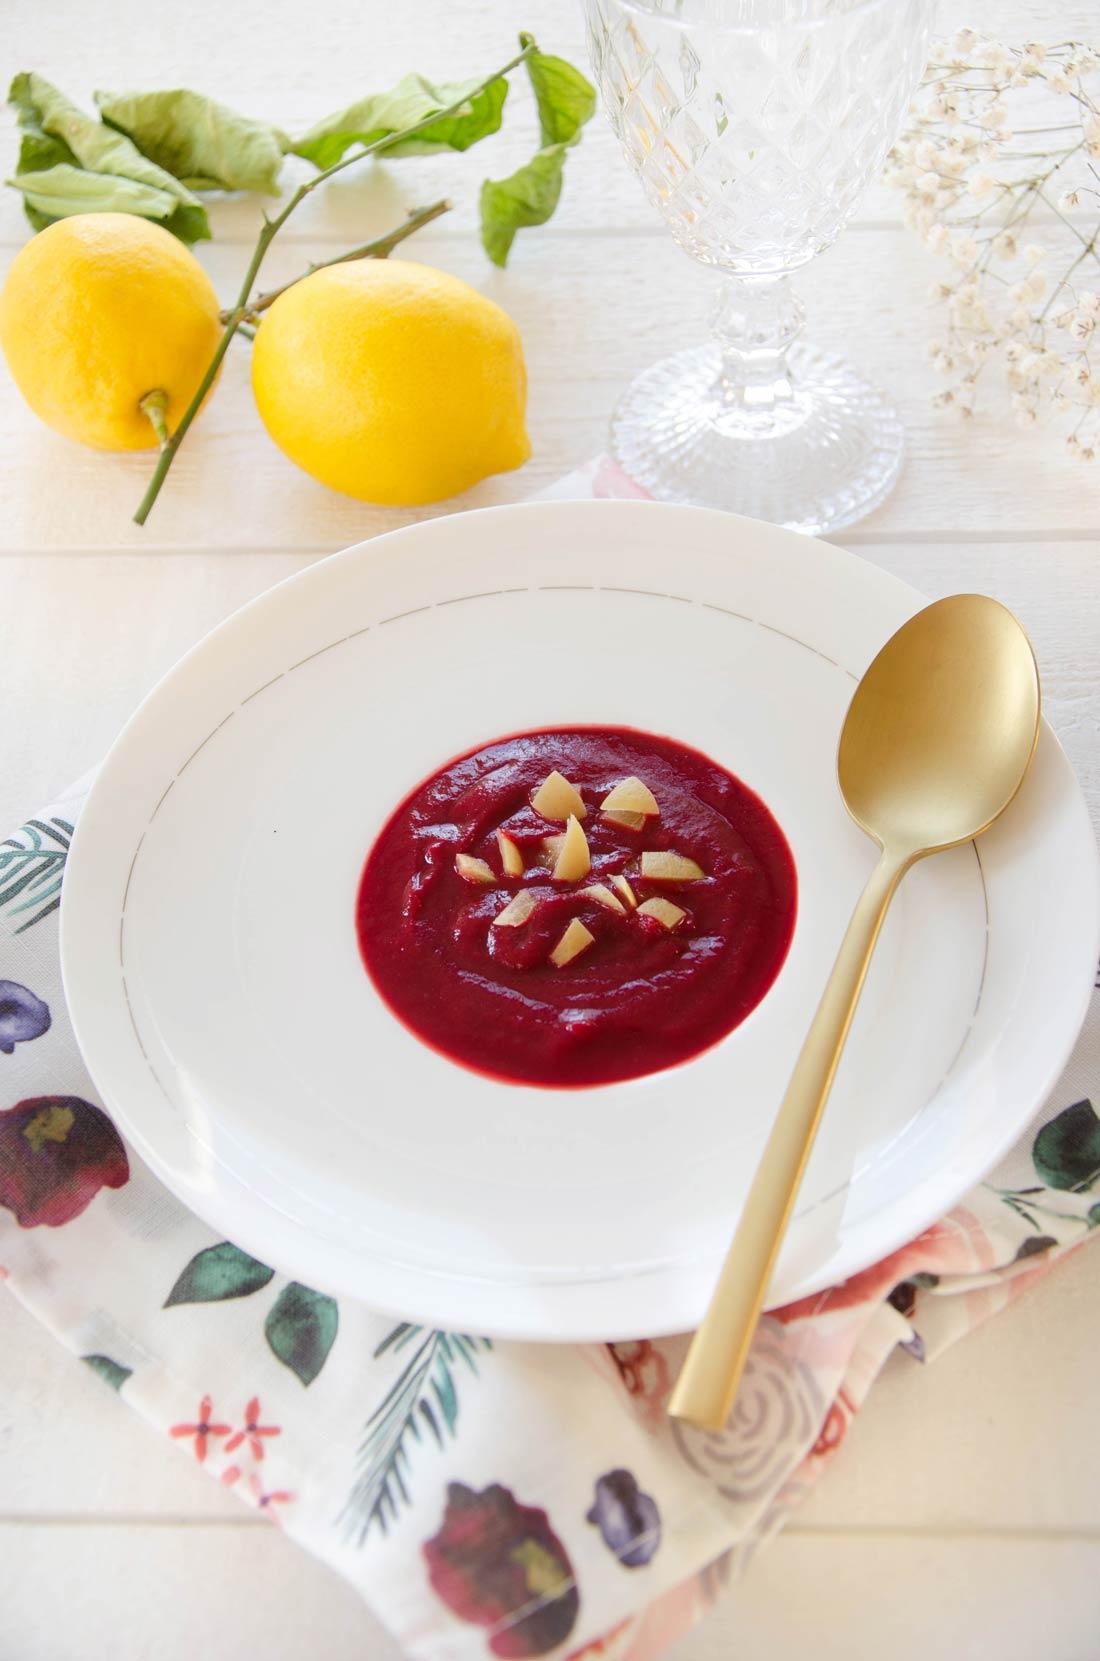 Recette de soupe betterave citron confit